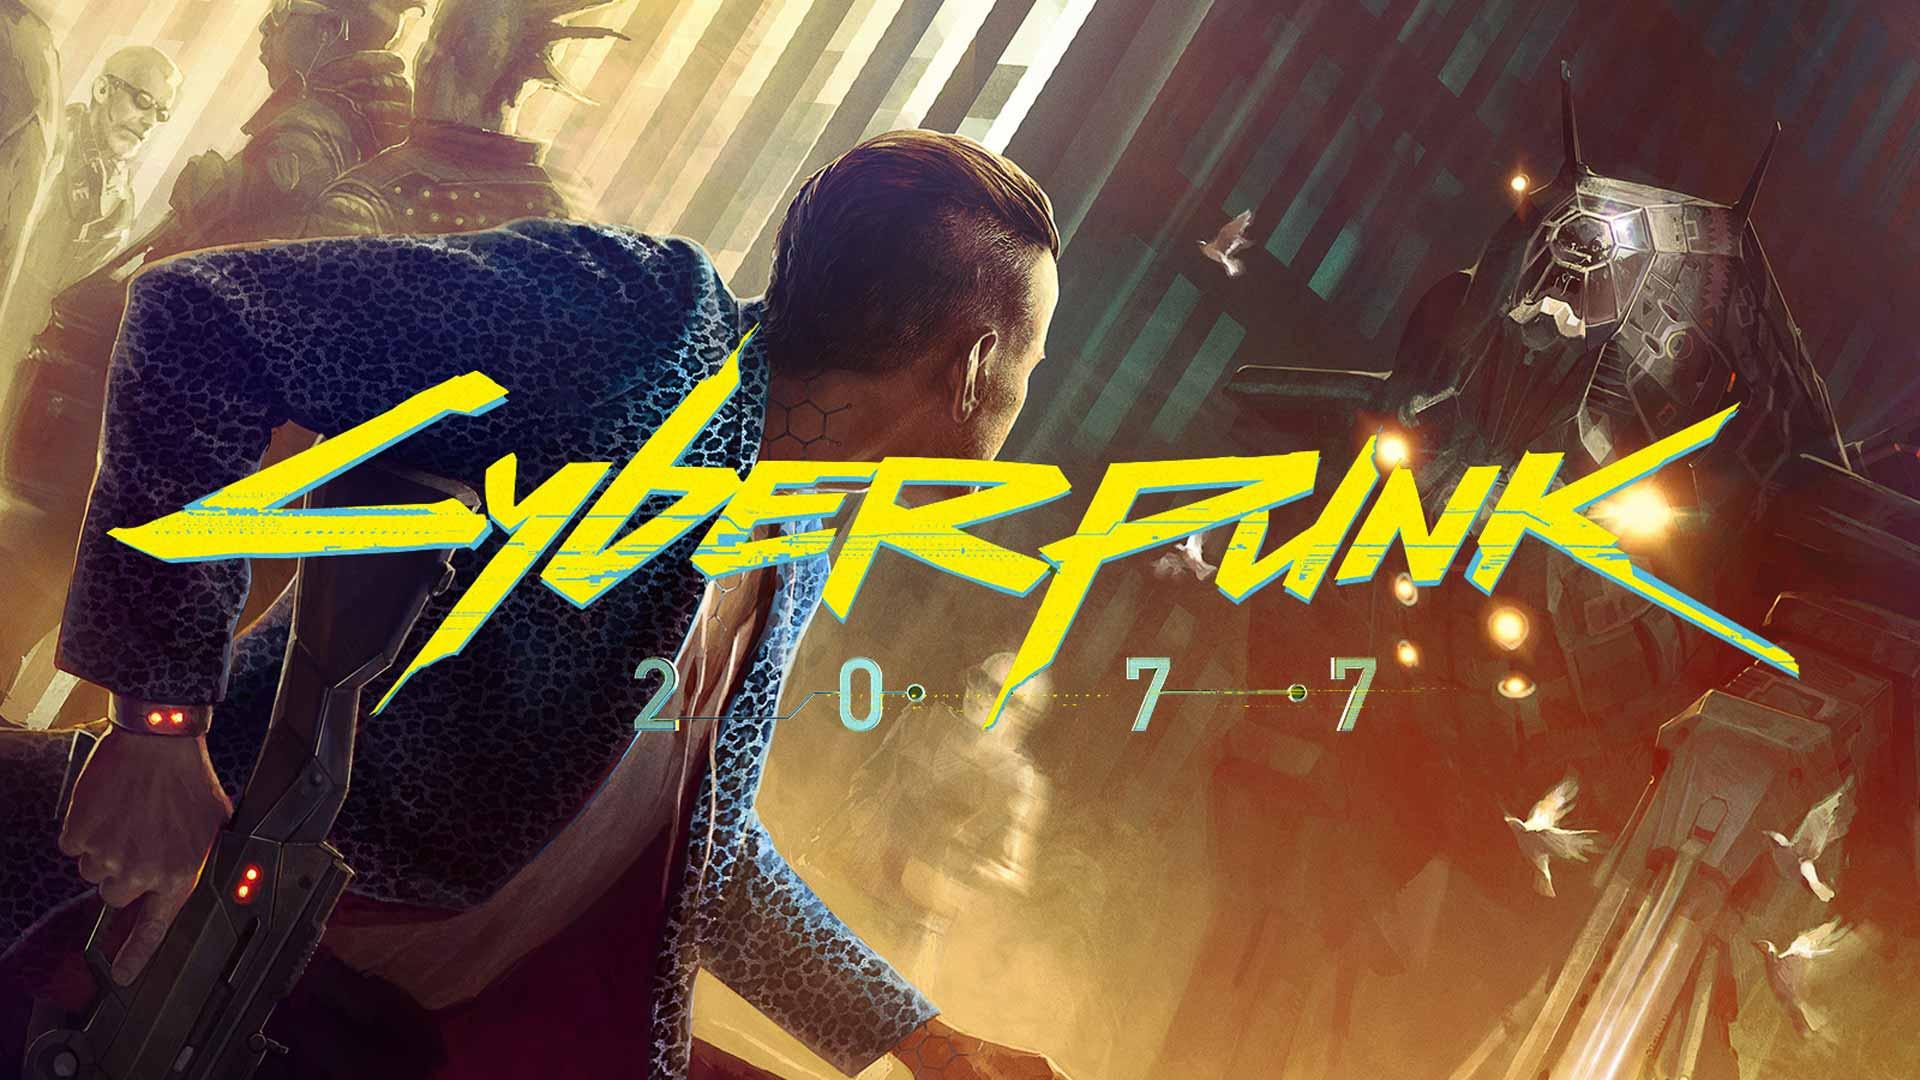 Cyberpunk 2077 present at E3 2018?